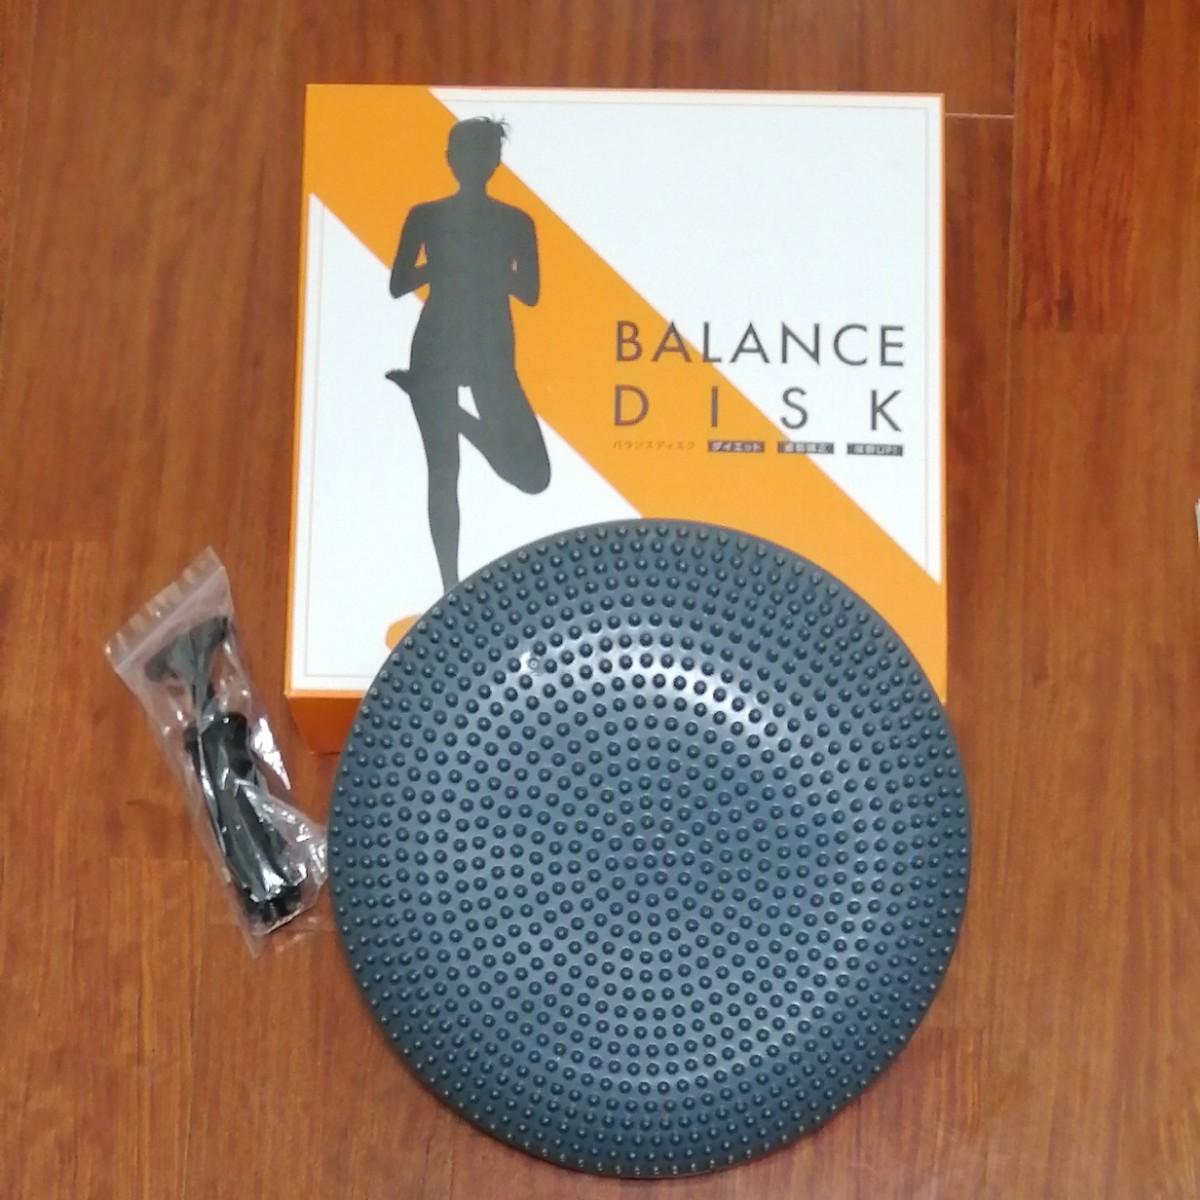 バランスディスク 体幹トレーニング バランスボール ダイエット 姿勢矯正 エクササイズ